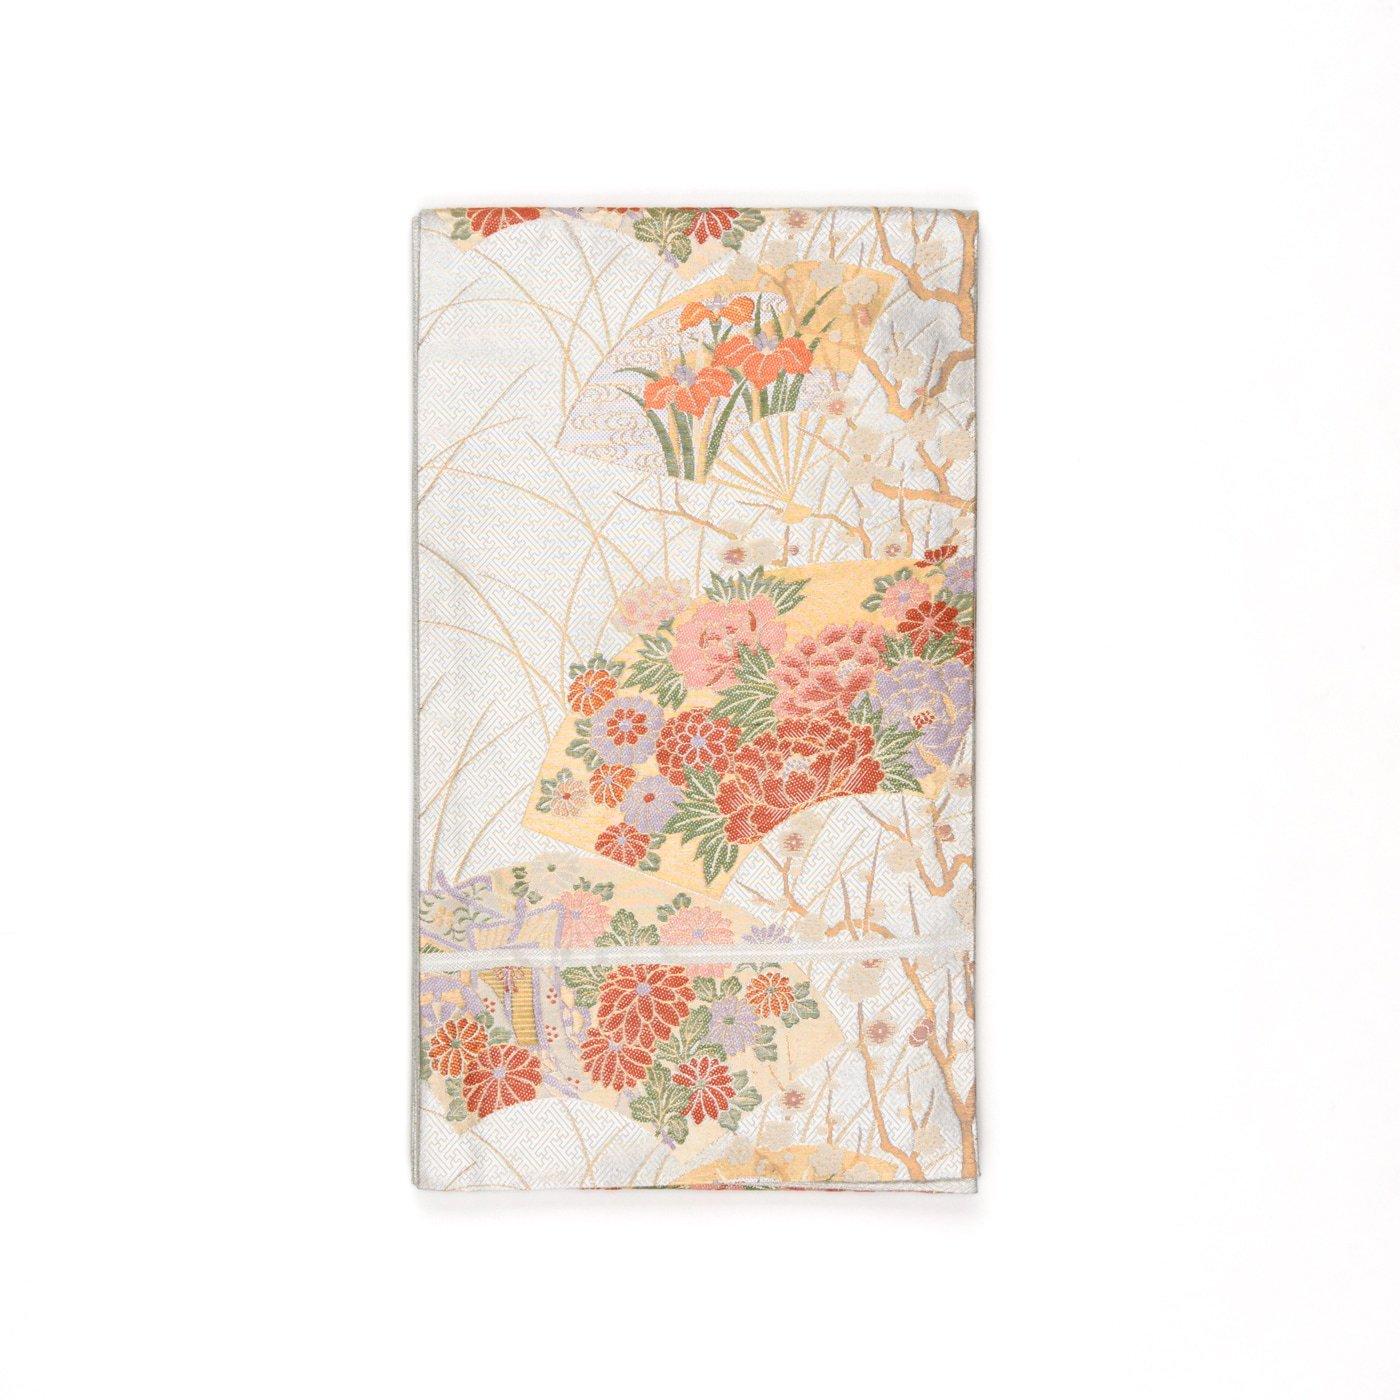 「袋帯●花の扇」の商品画像